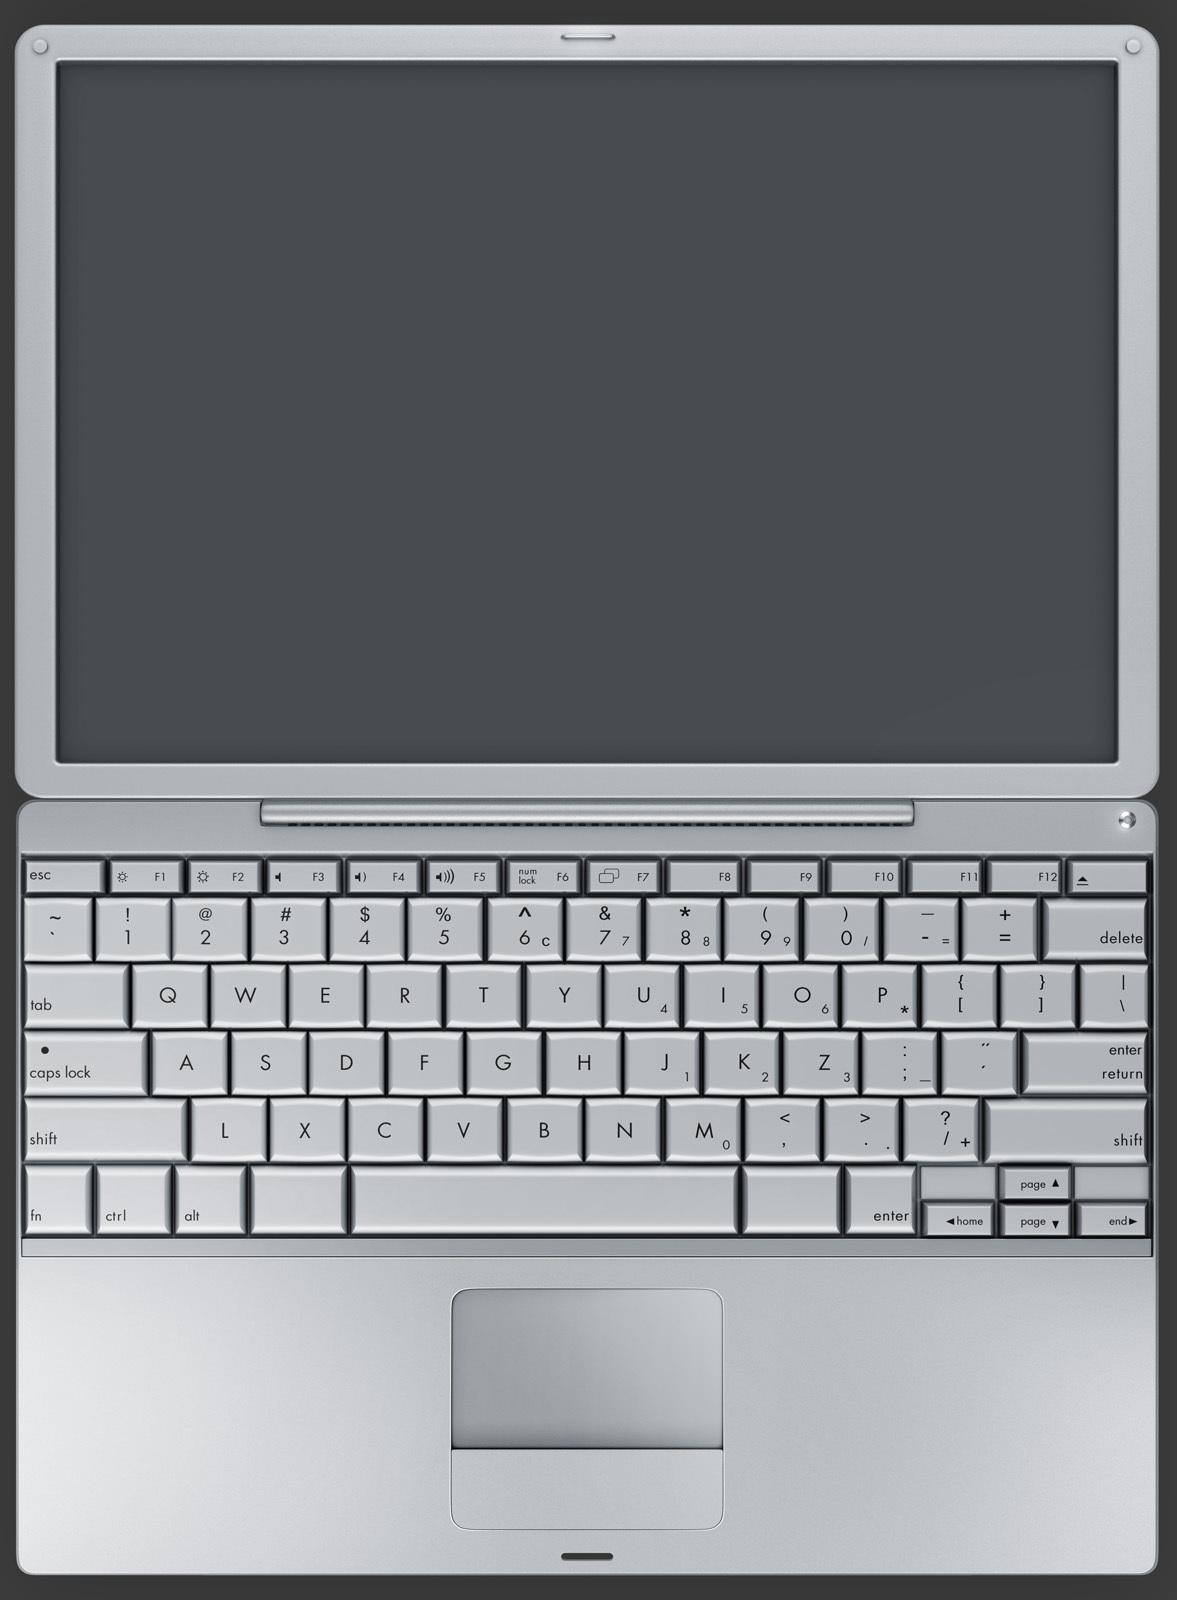 Marcelojr laptop 1 c86d9d12 am4t